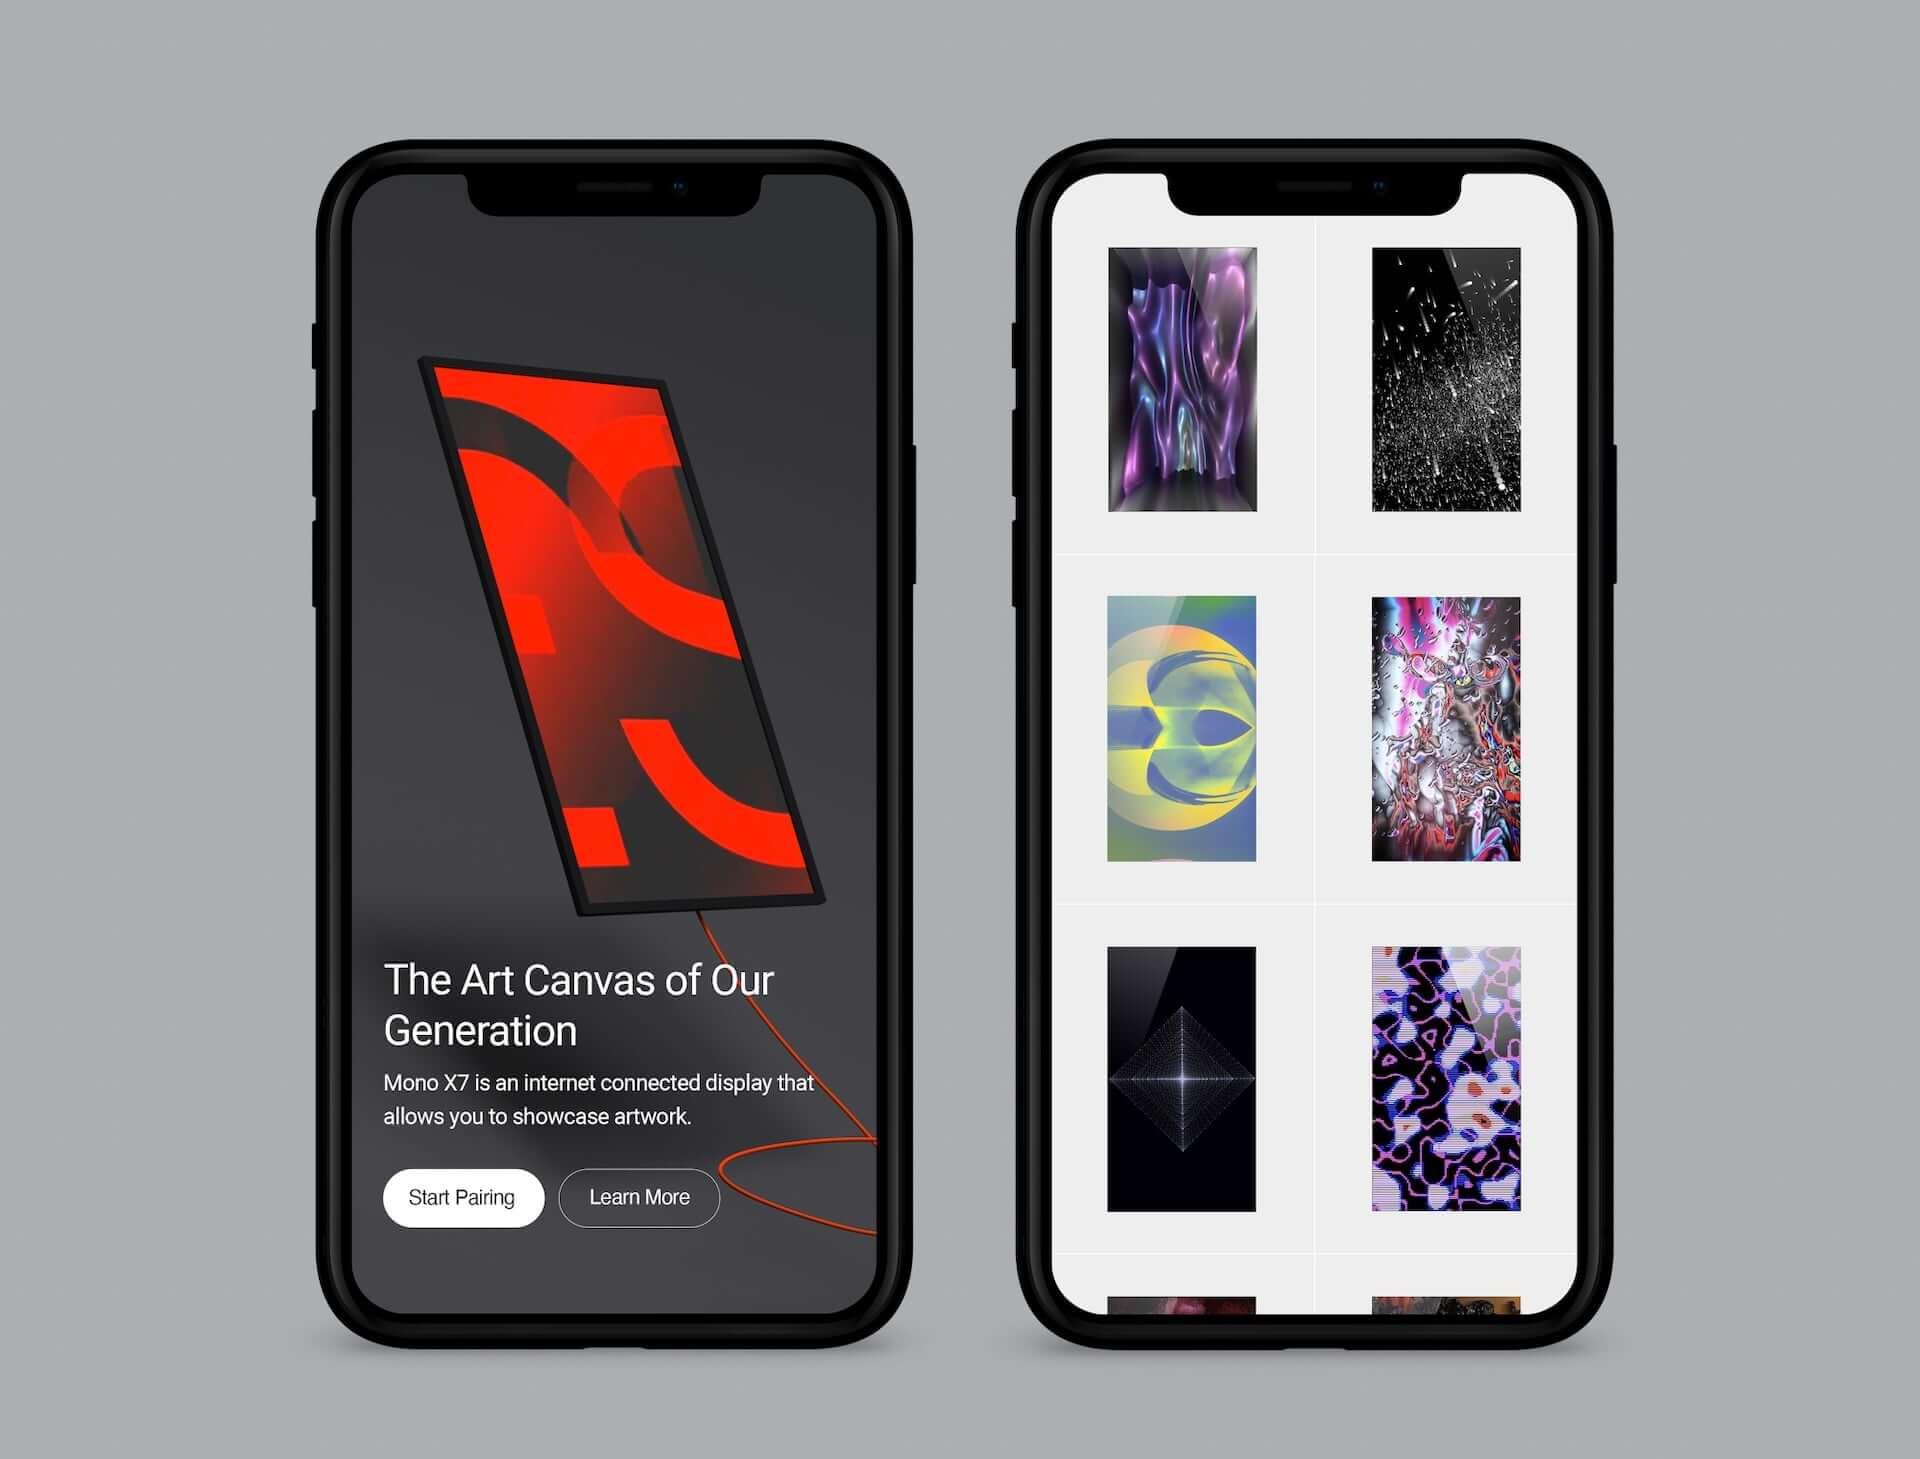 オンラインギャラリーの作品も投影できるデジタルアートフレーム『Mono X7』の予約販売が開始!YOSHIROTTENのコメントも tech200831_mono-x7_5-1920x1459